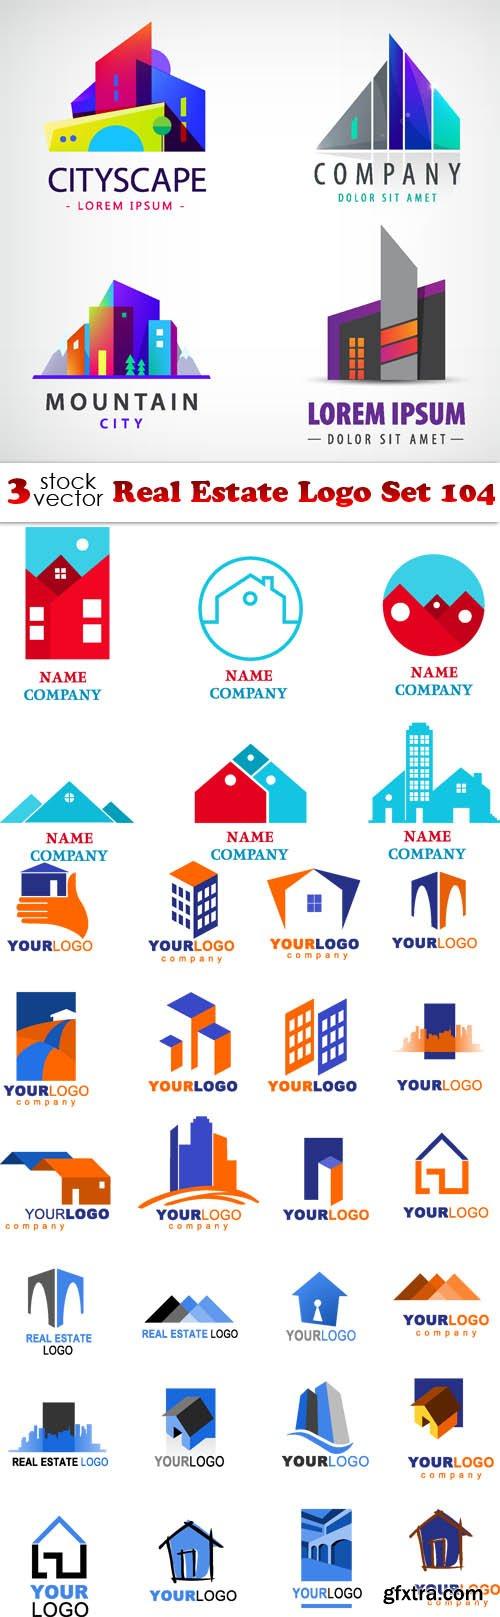 Vectors - Real Estate Logo Set 104